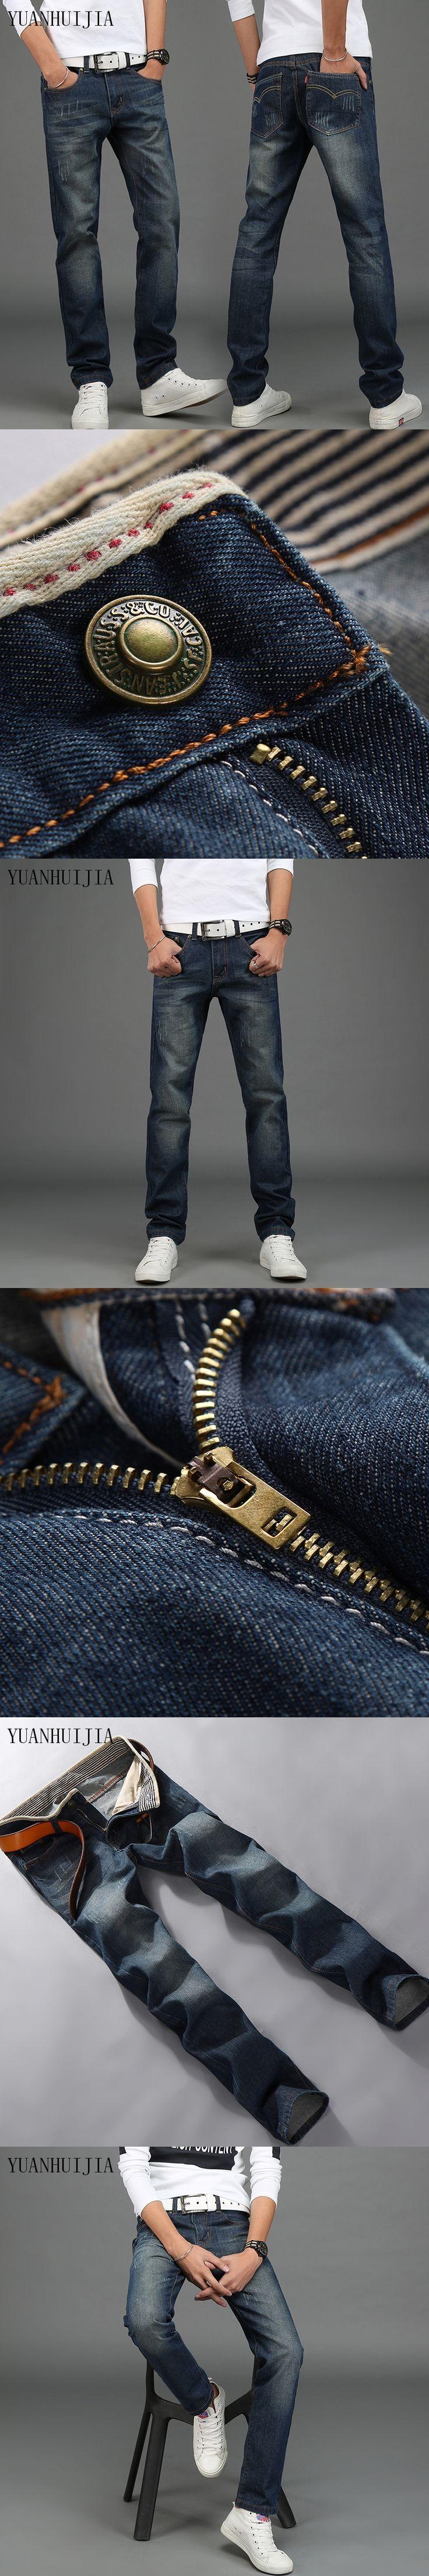 New arrival  American style famous brand men's jeans plus size 42 jeans men pantalones vaqueros hombre Calca Jeans for men / 087